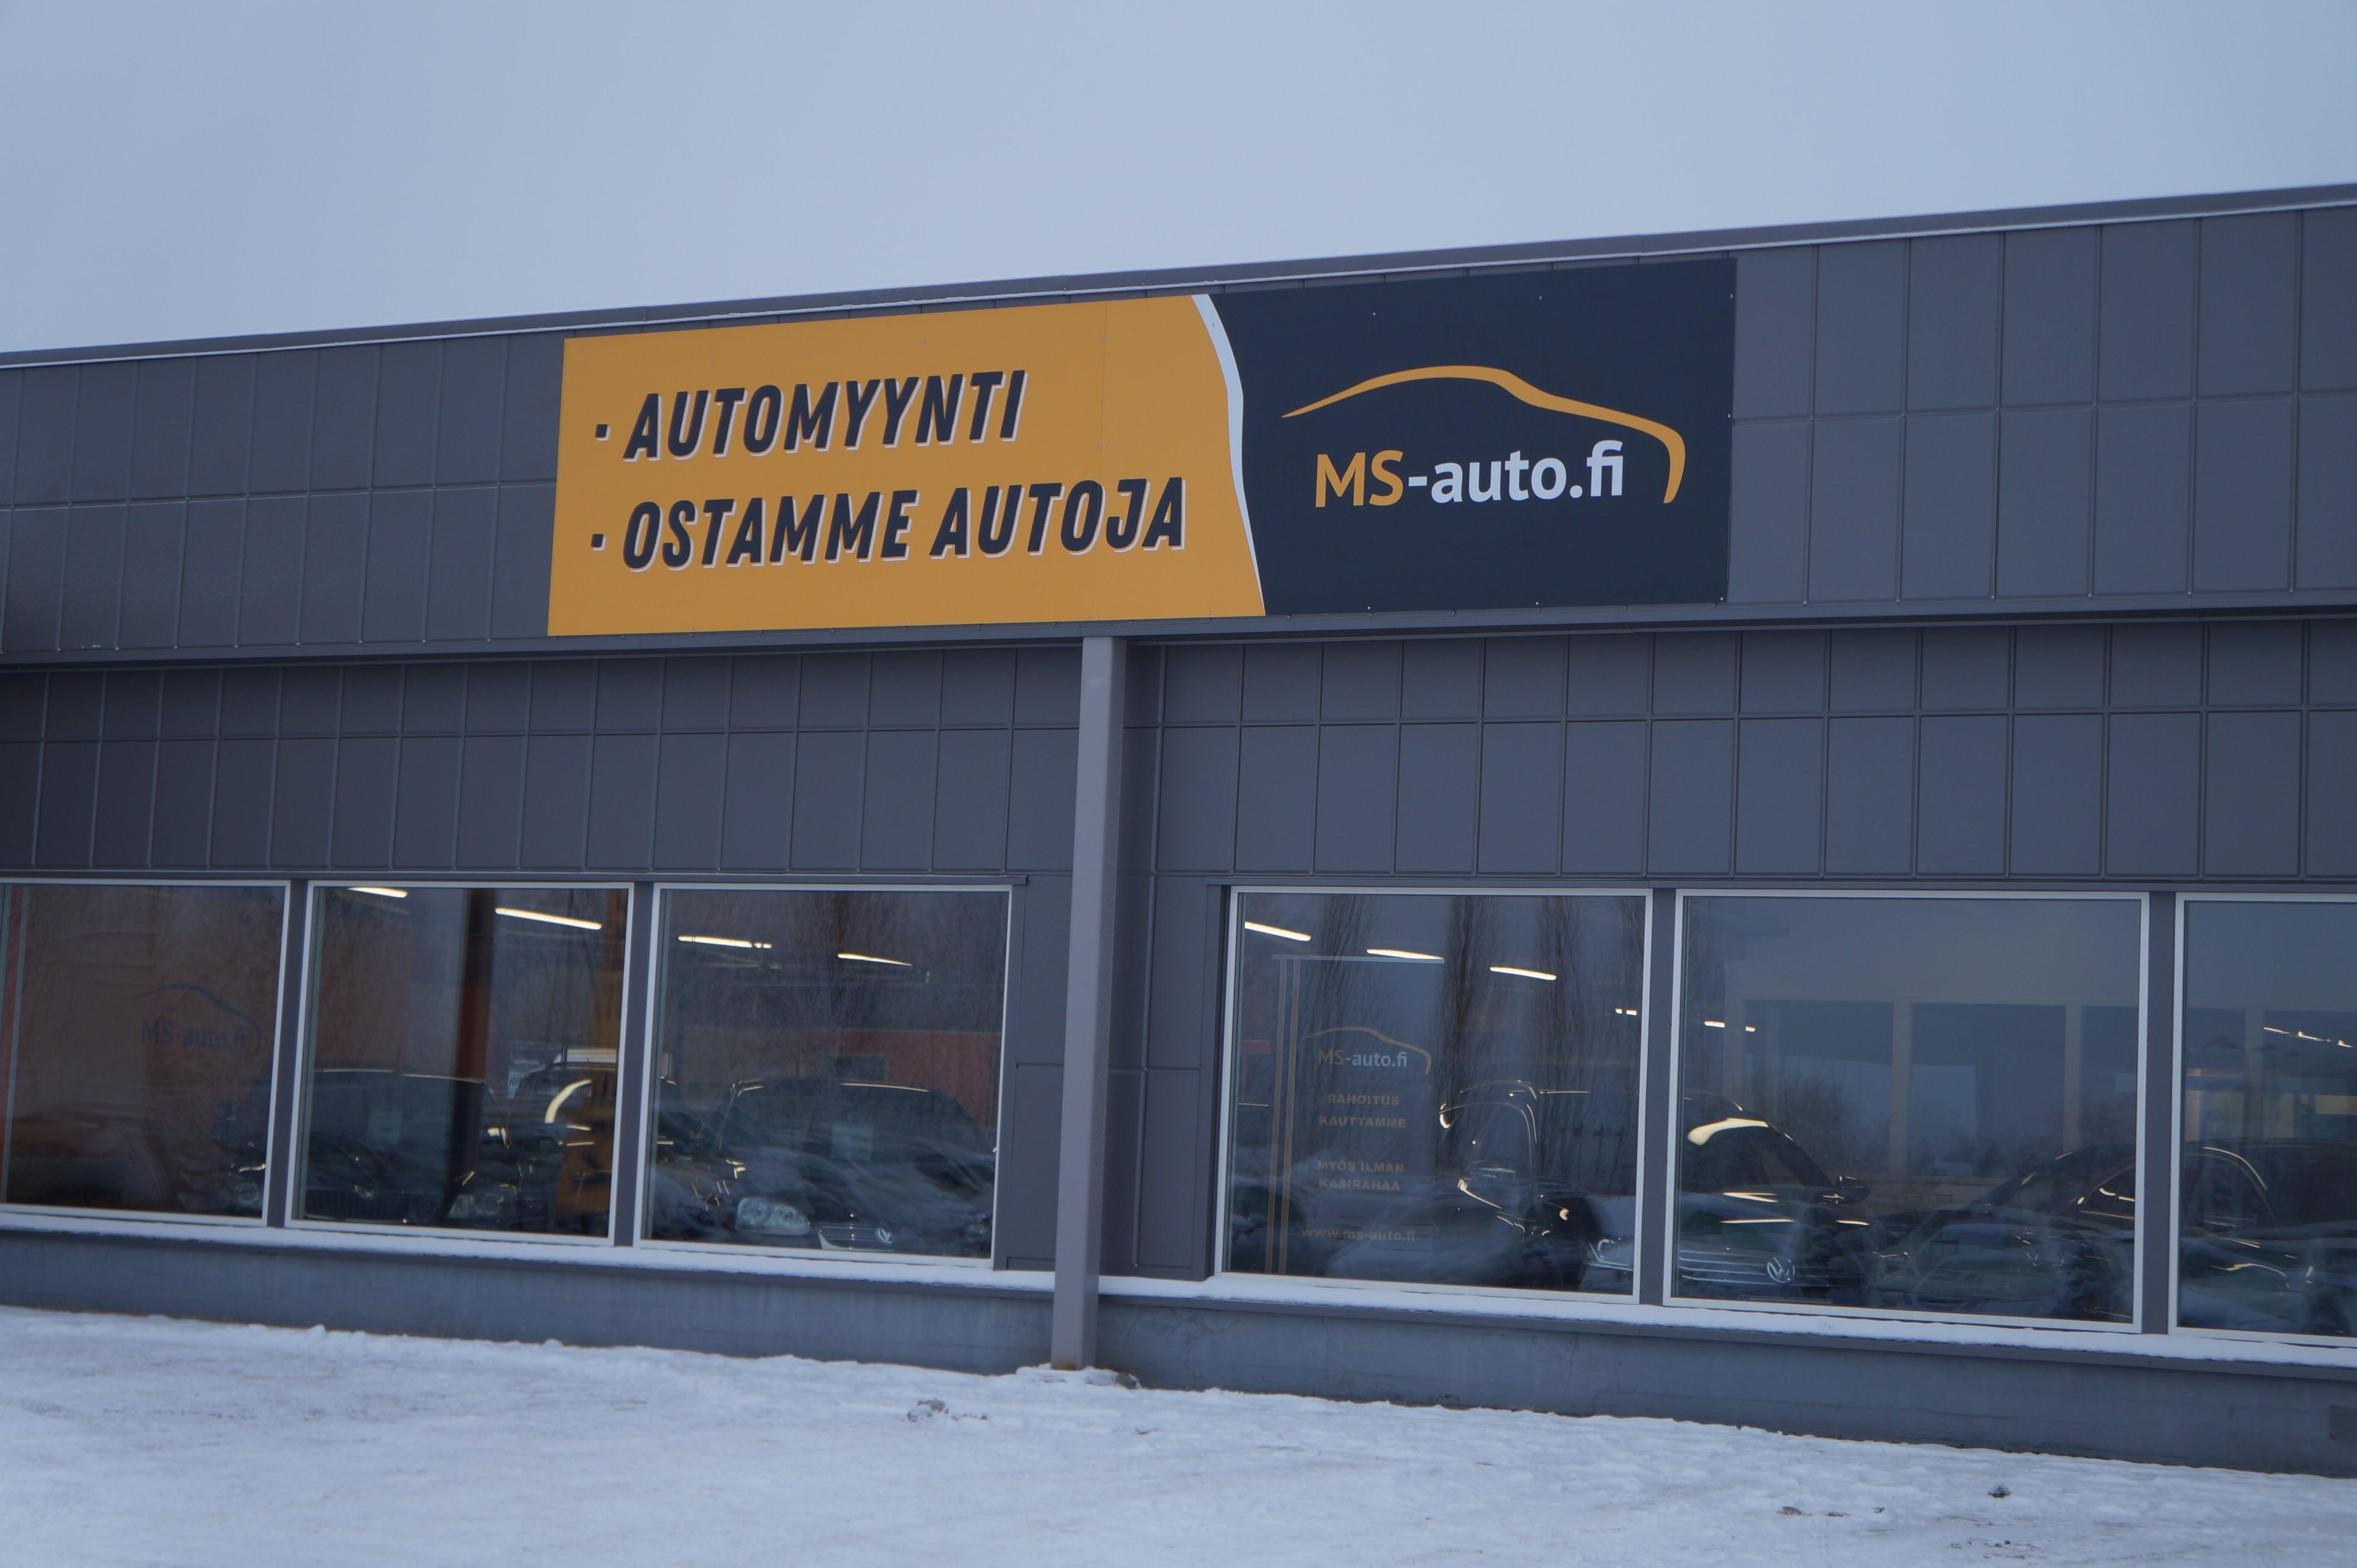 MS-Auto MS-Auto.fi, Imatra